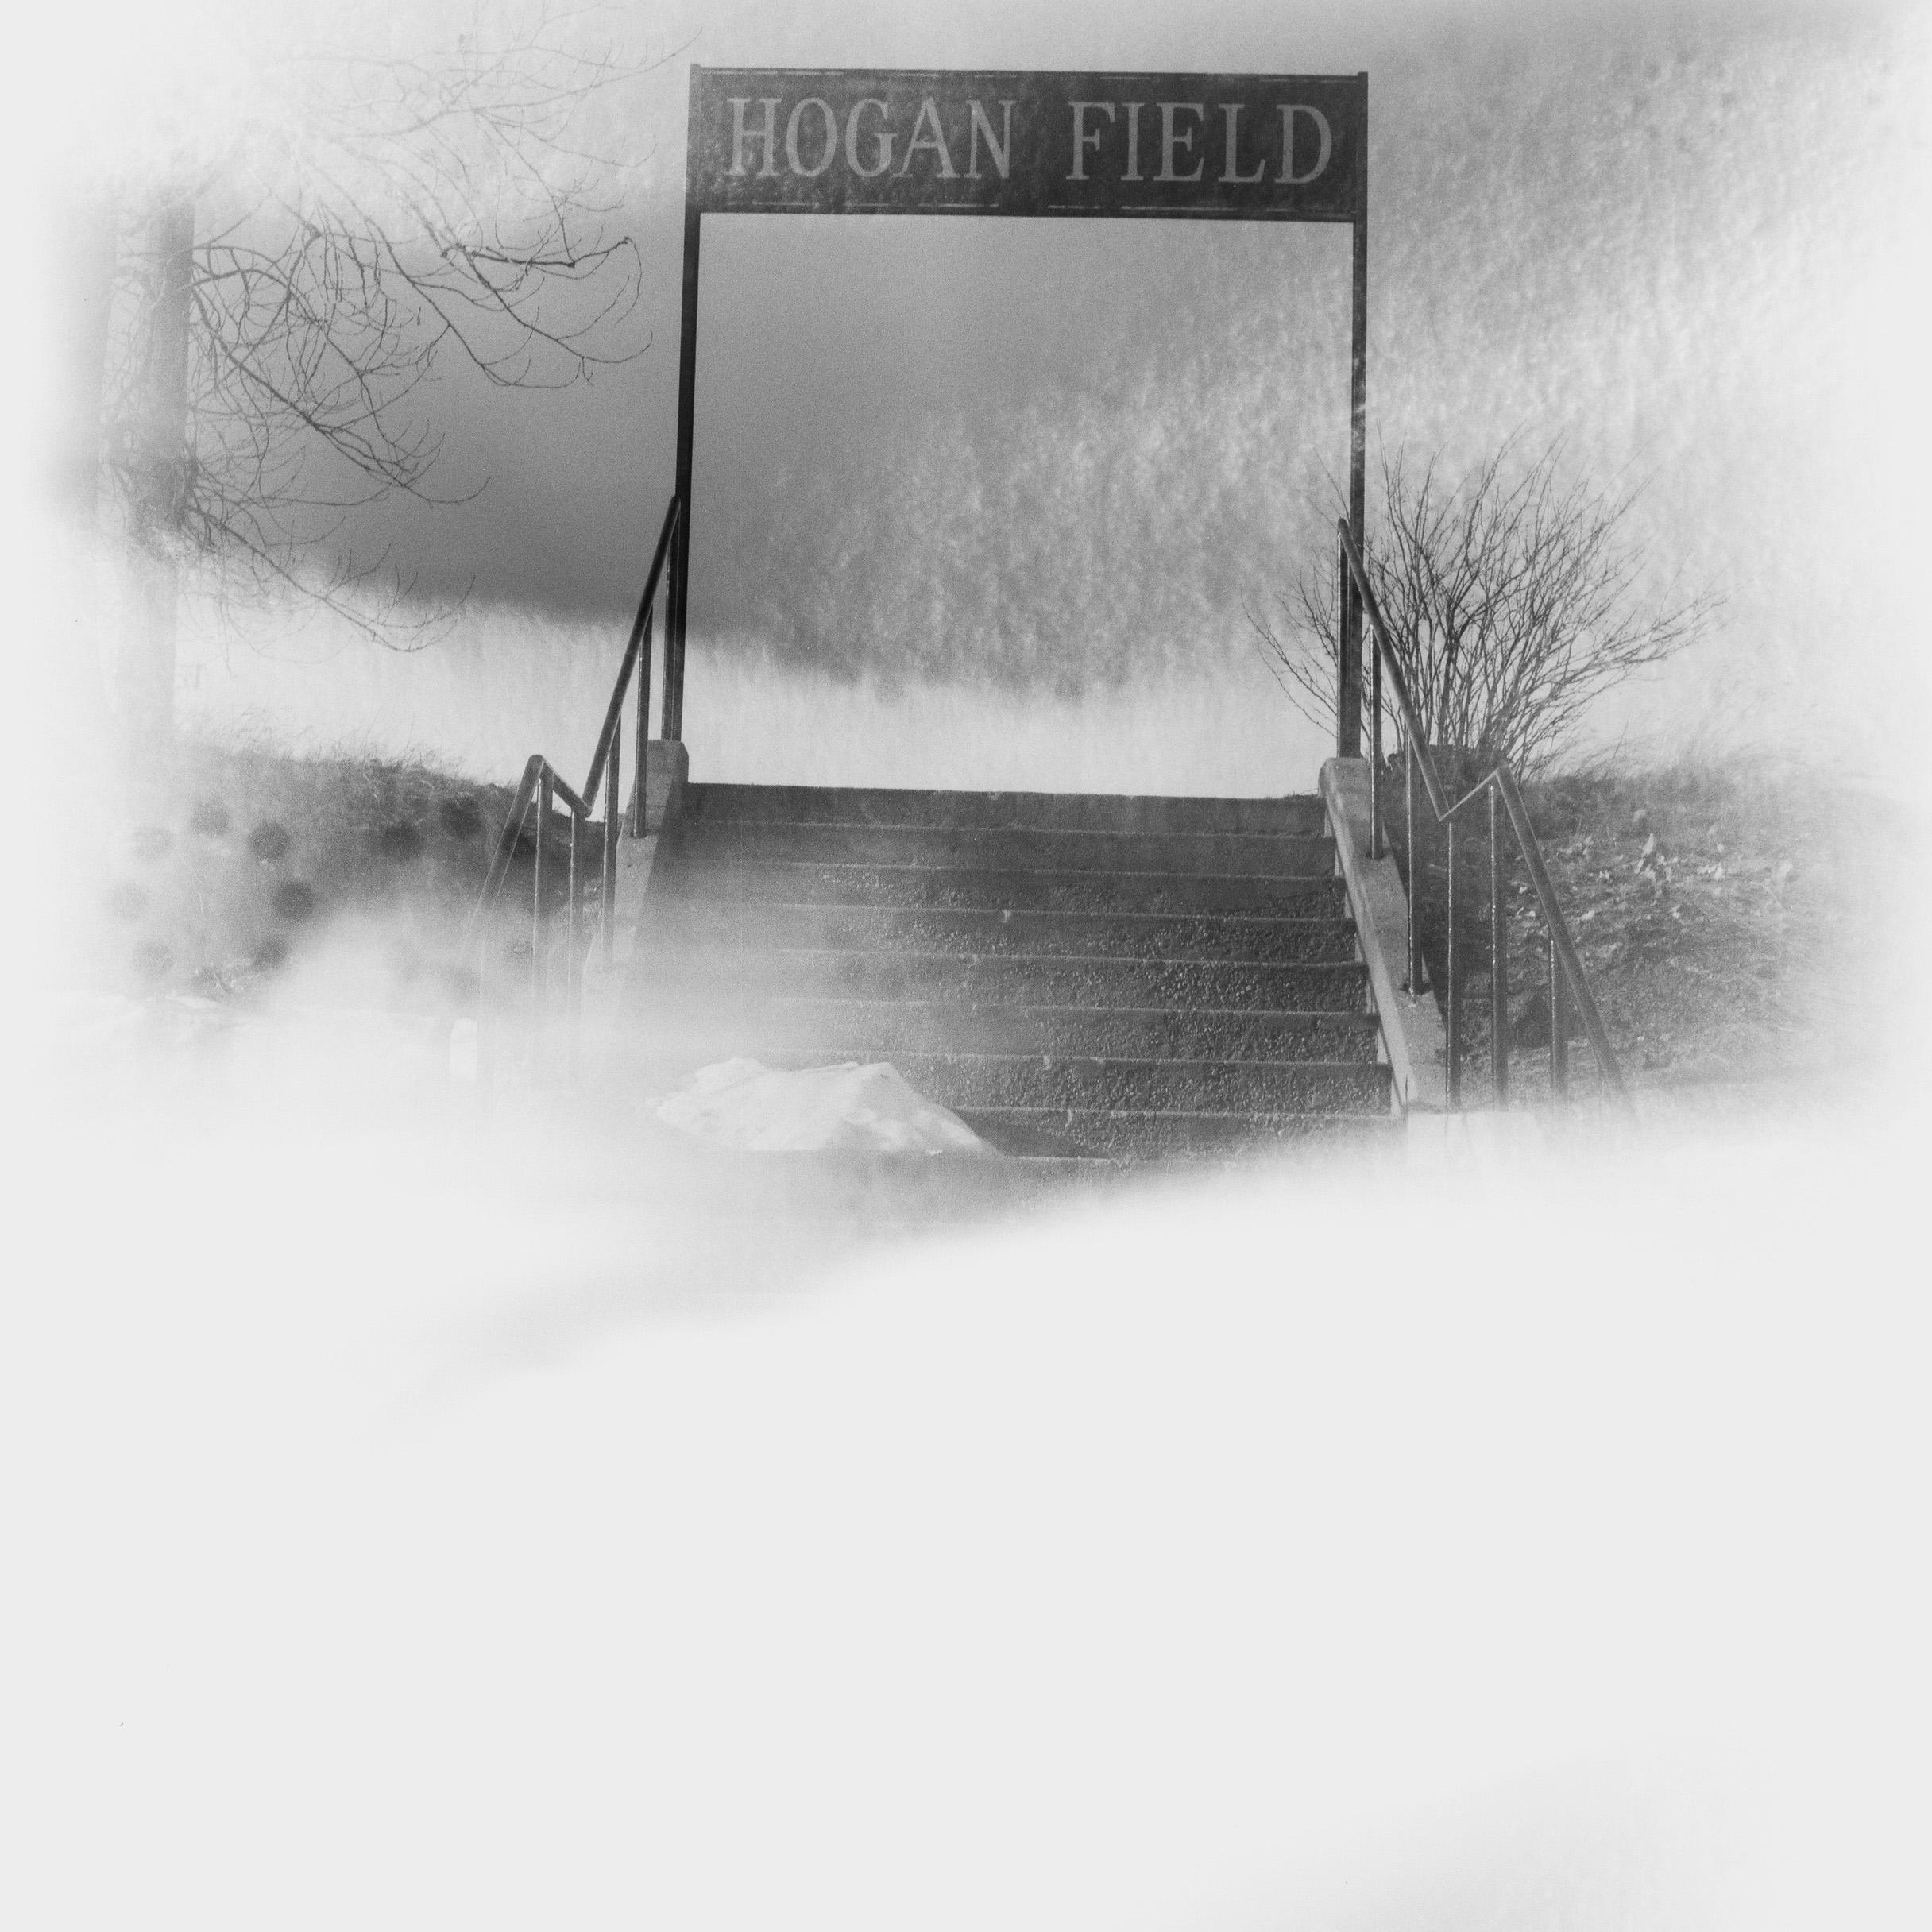 Hogan Field